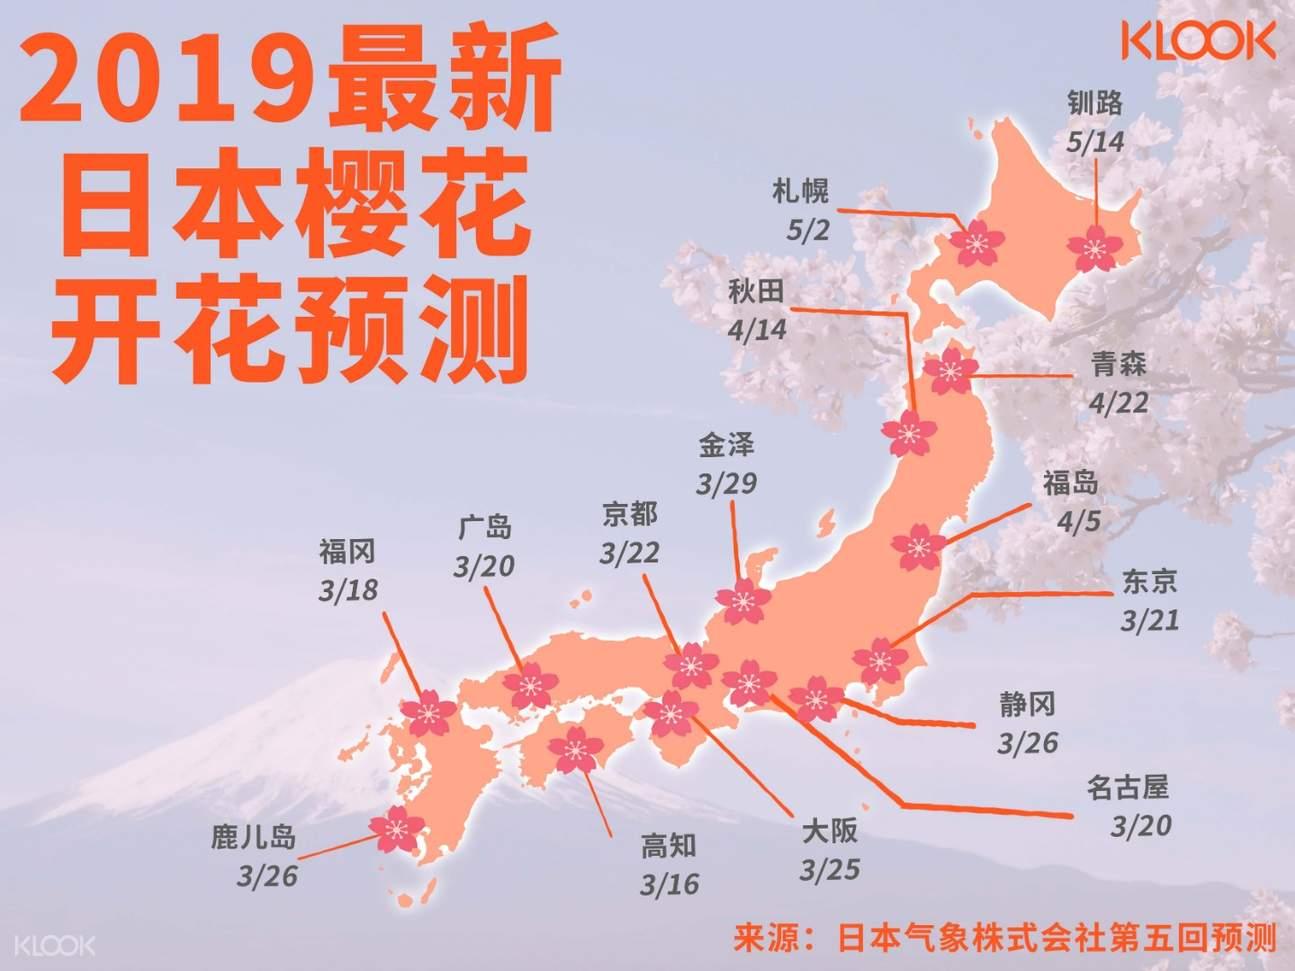 JR Pass山阴&冈山地区铁路周游券